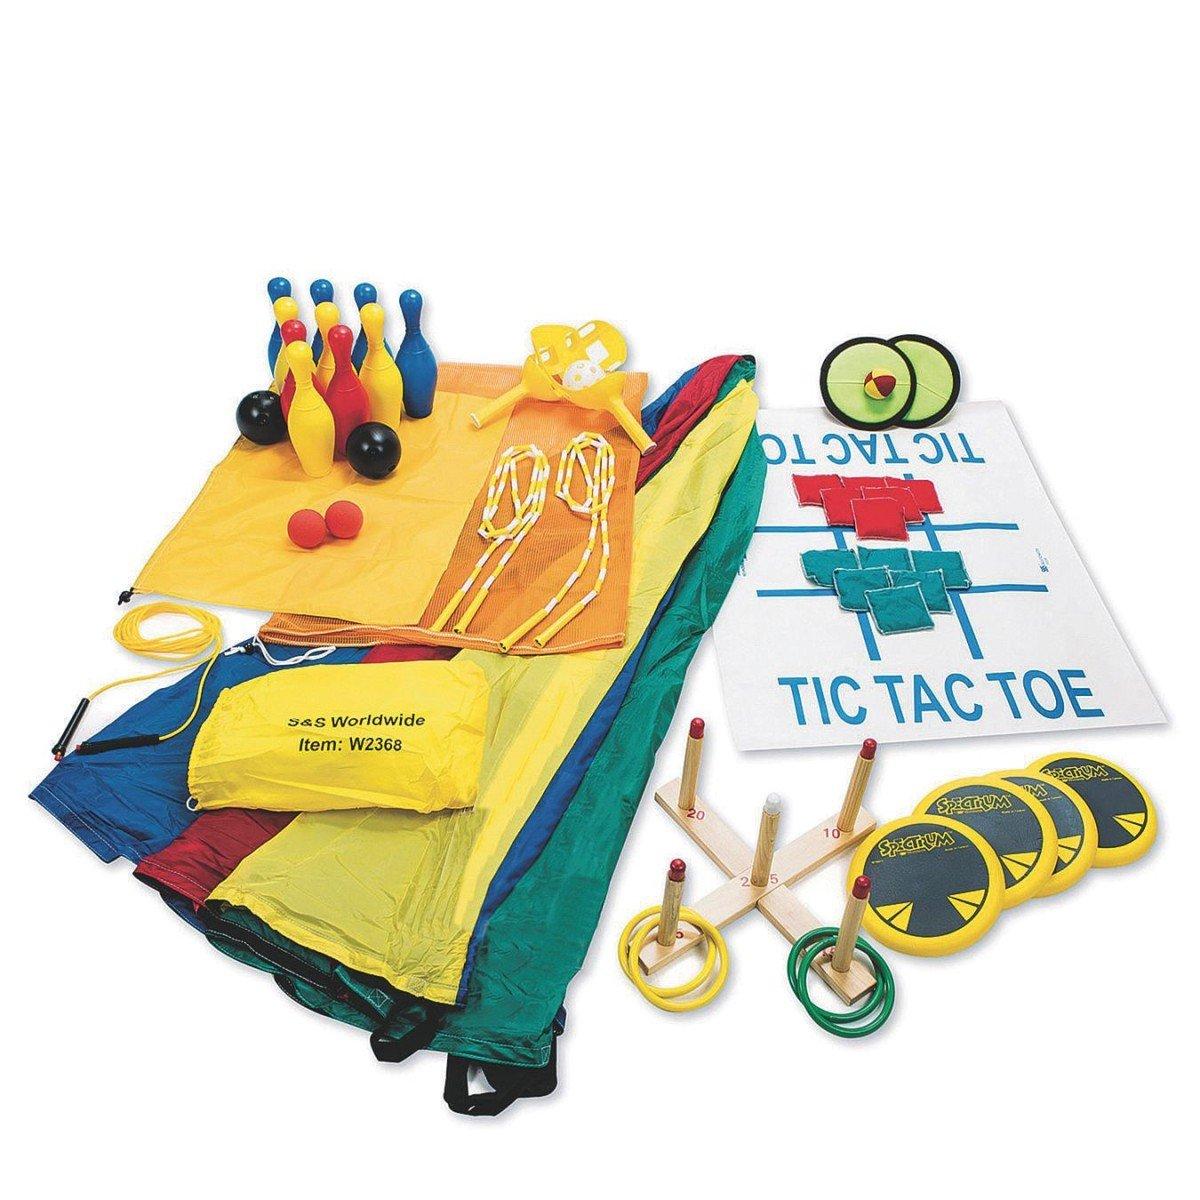 専門ショップ アクティブ再生Stuff Easyパック B002MQ3EO4 Easyパック B002MQ3EO4, サガノセキマチ:e447f73a --- trademark.officeporto.com